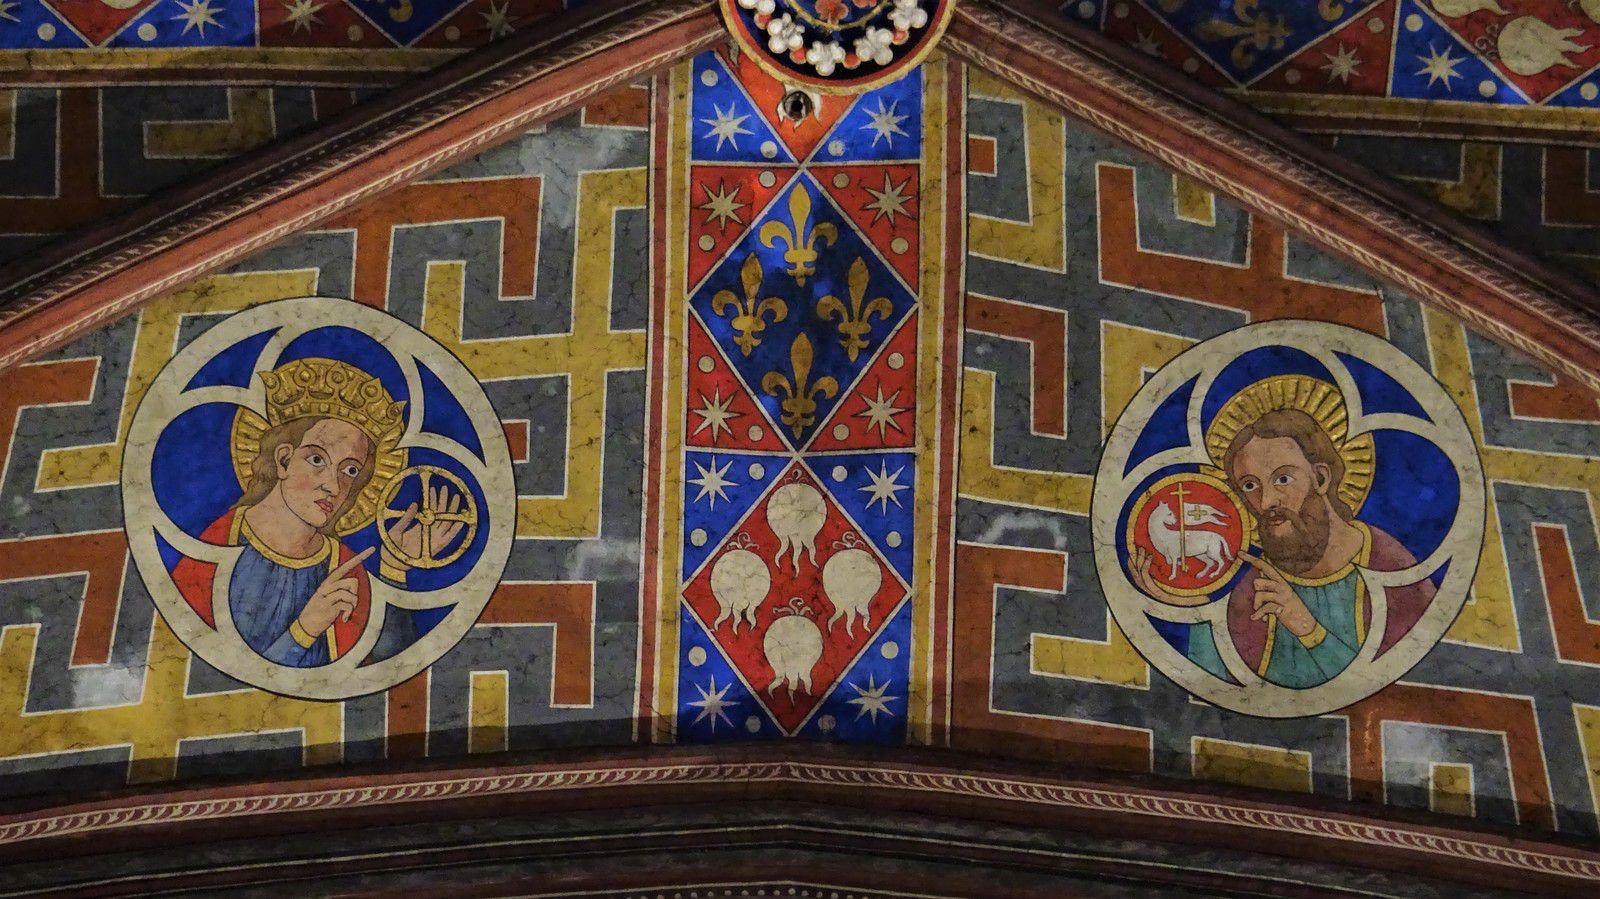 Sur la voûte, d'autres saints (que j'identifie comme Saint Louis et Saint Jean Baptiste) ont eux aussi des nimbes en 3D